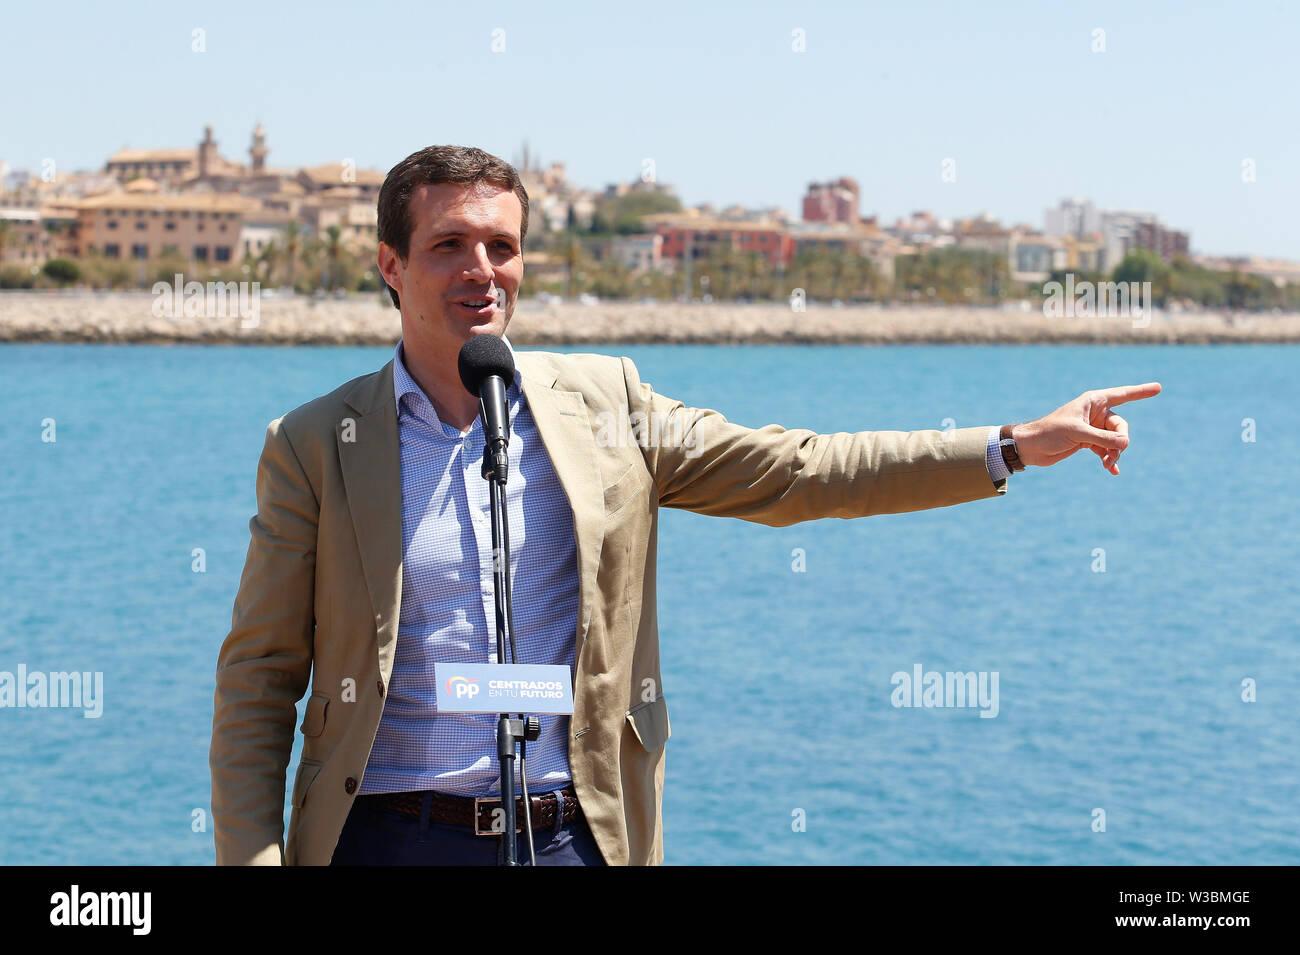 Palma de Mallorca / Spagna - 14 Maggio 2019: Spagna partito popolare partito politico leader Pablo Casado parla durante una riunione elettorale in Palma de Mallo Immagini Stock